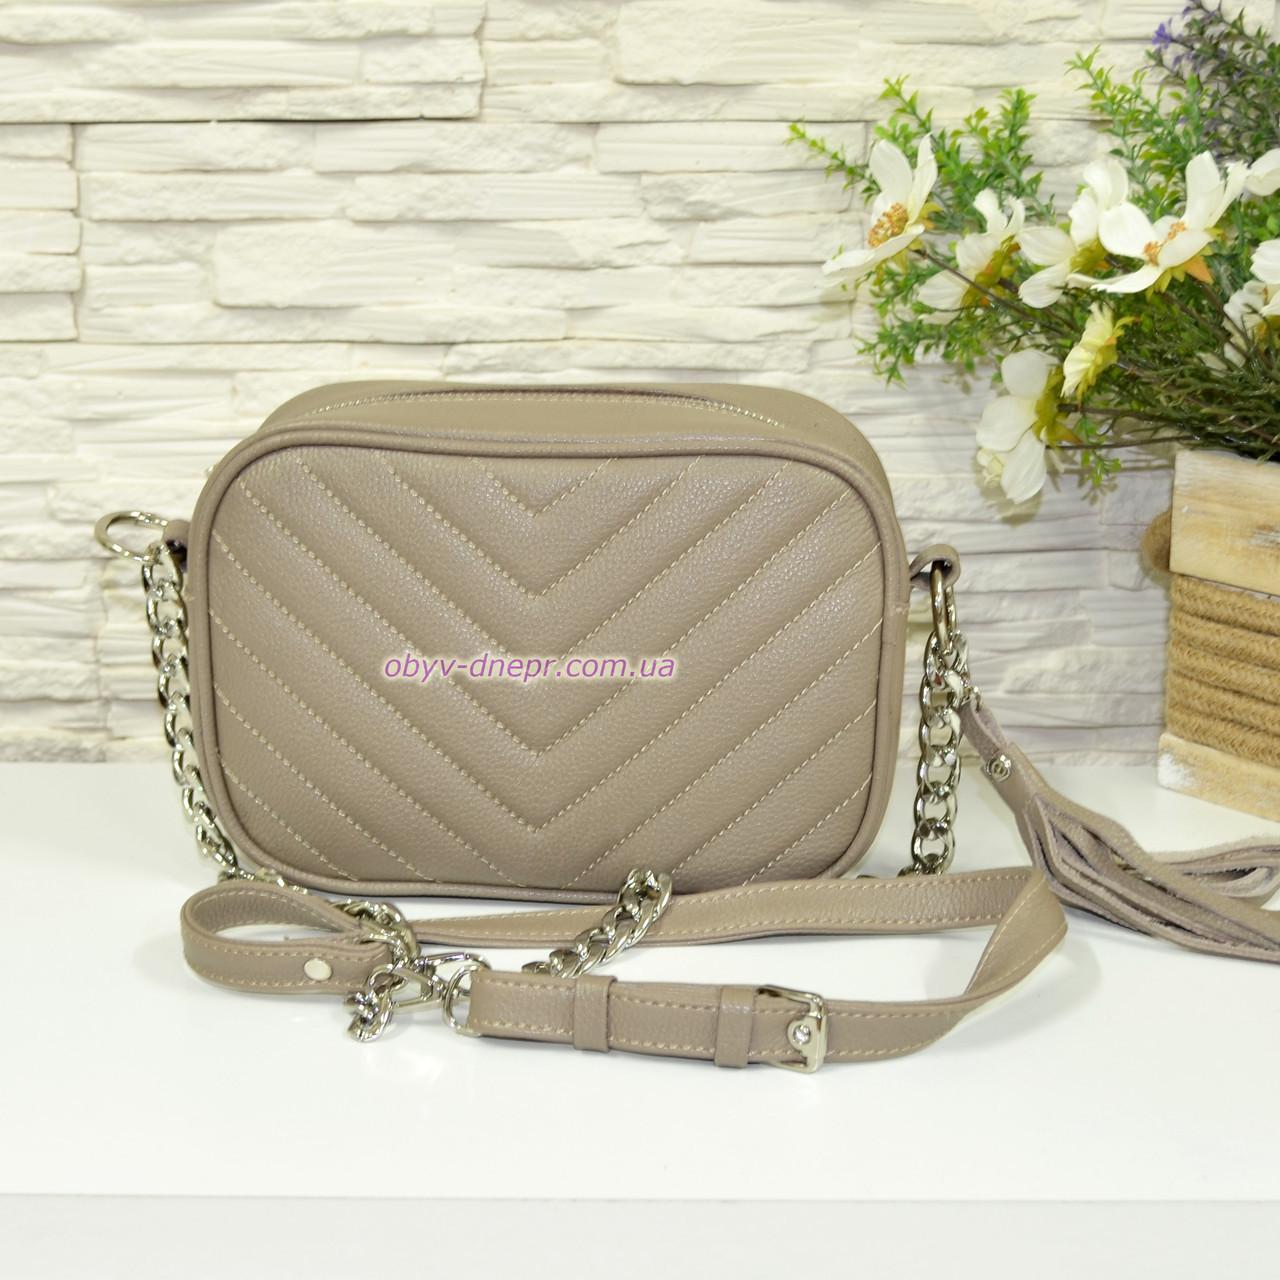 Женская сумка из натуральной кожи цвета визон. Производство Украина